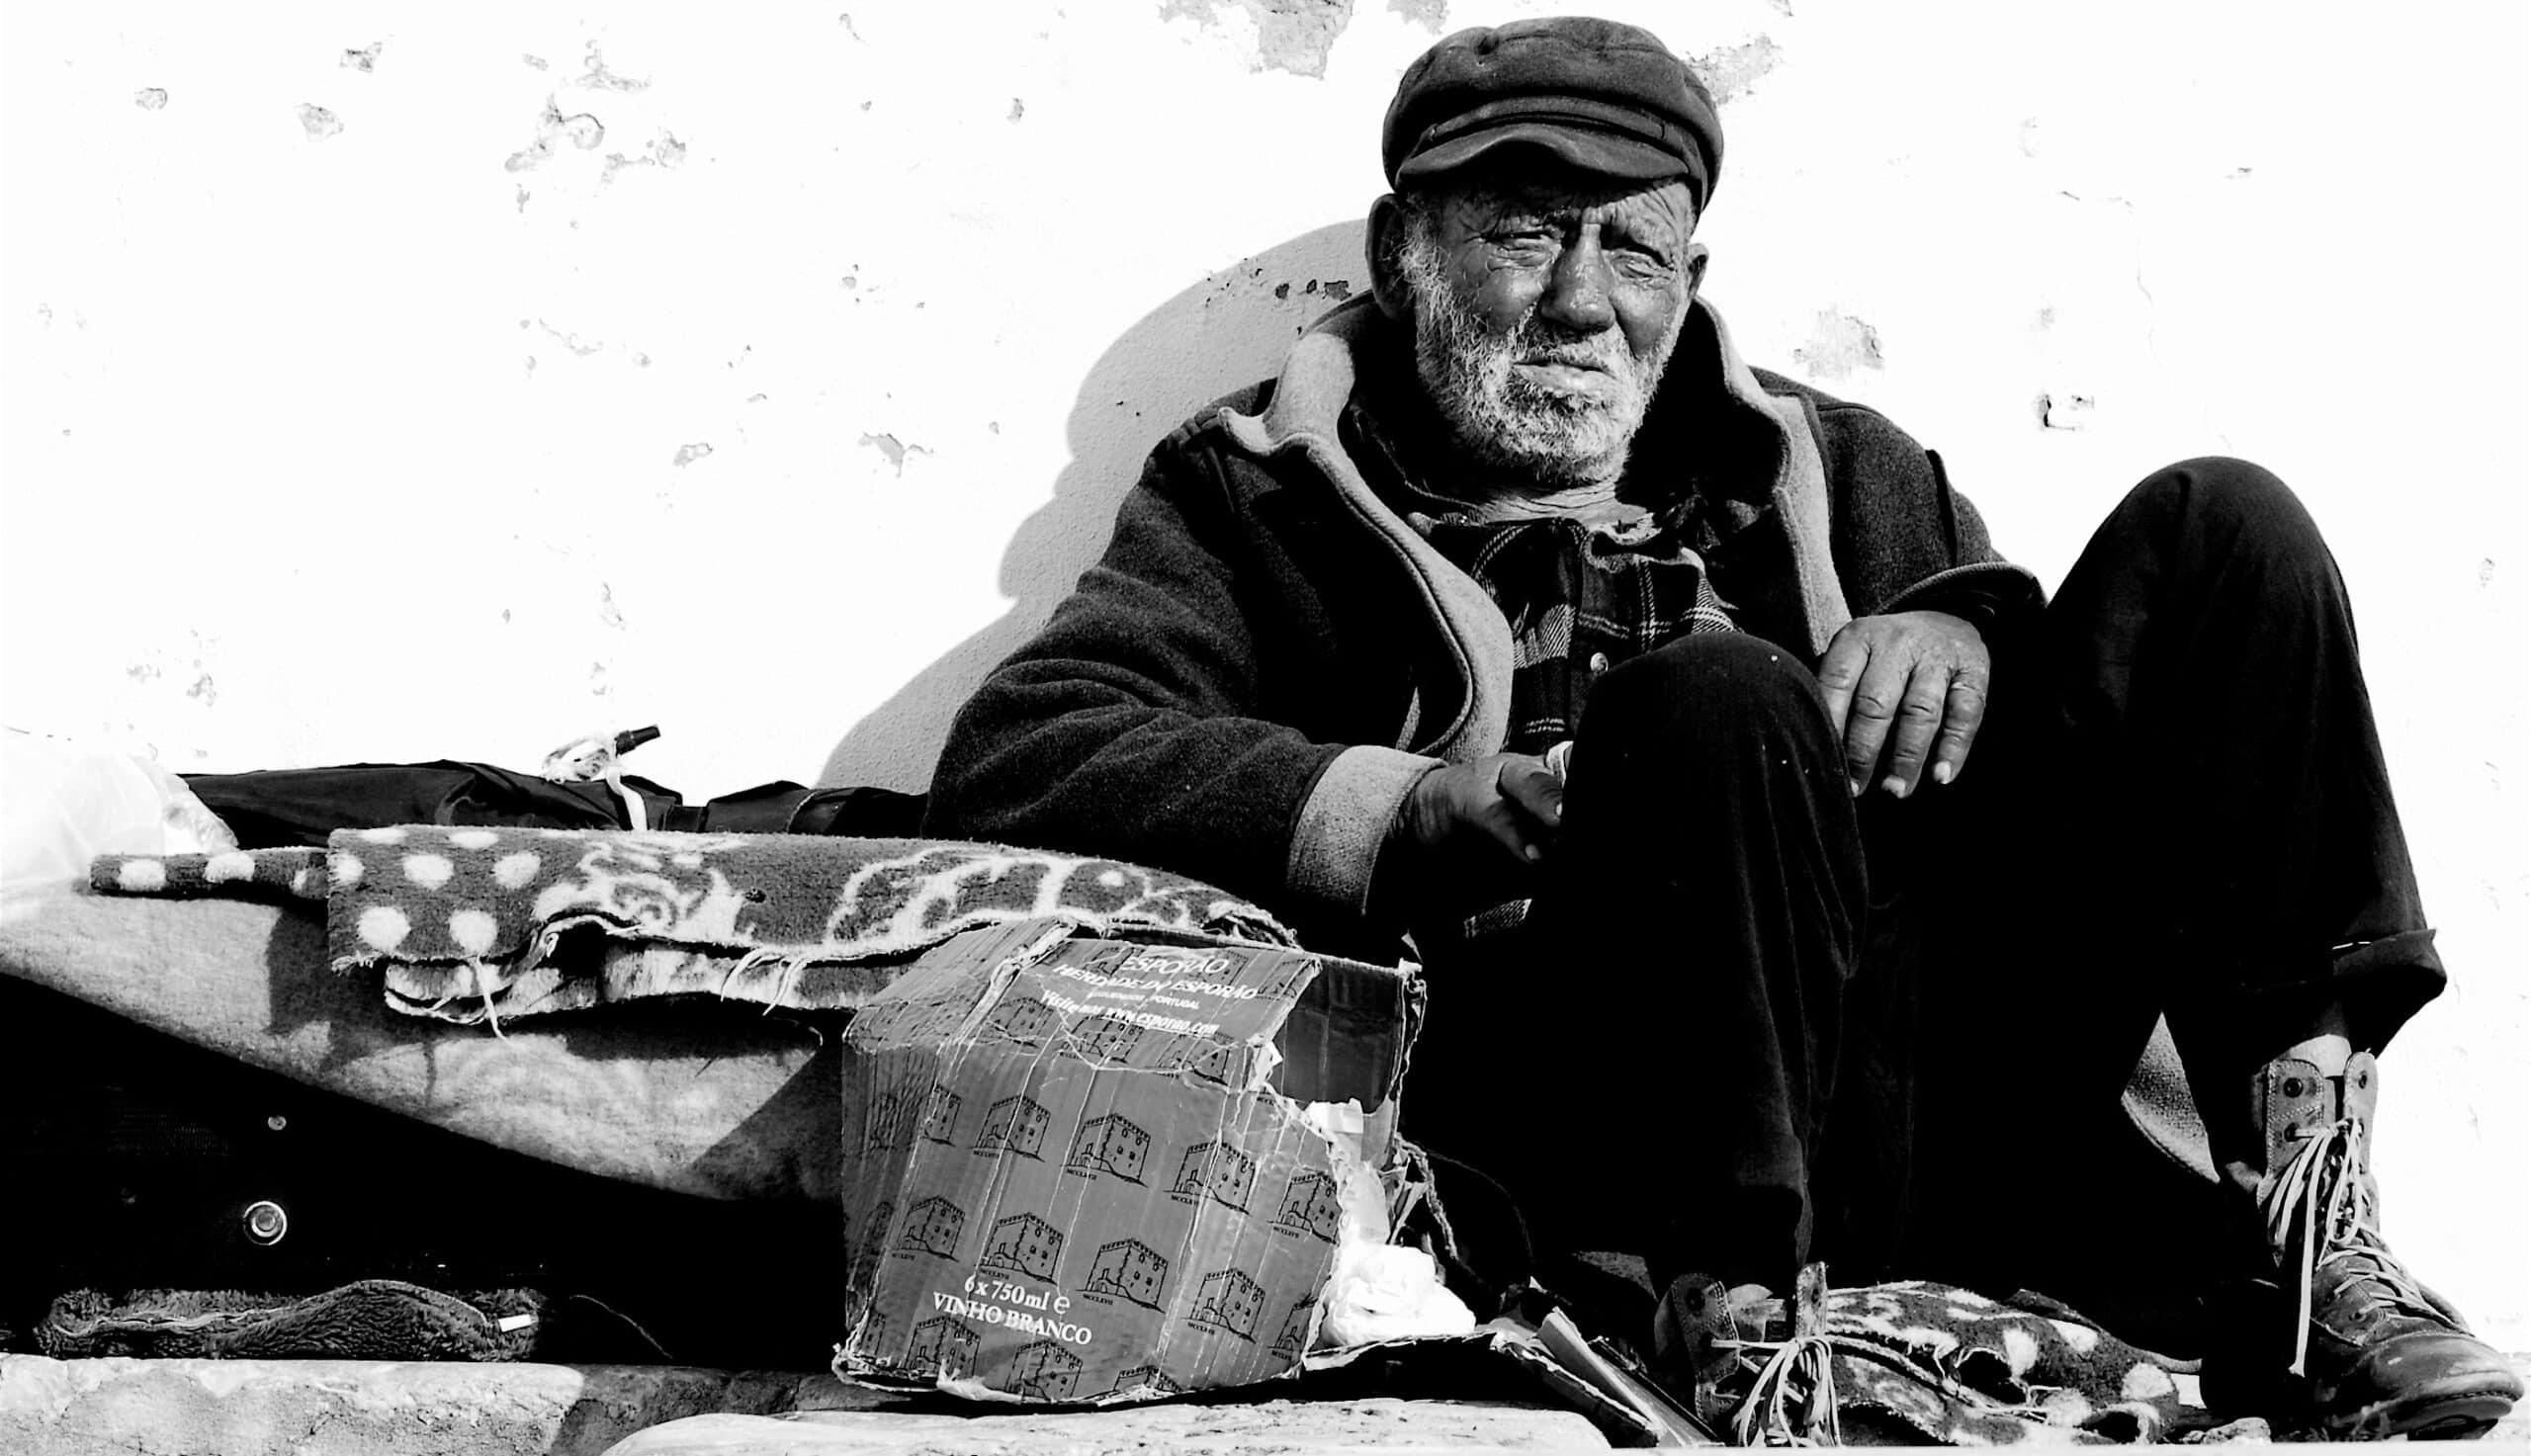 Upokojeni brezdomni ribič, Portugalska. Vir: Wikimedia Commons